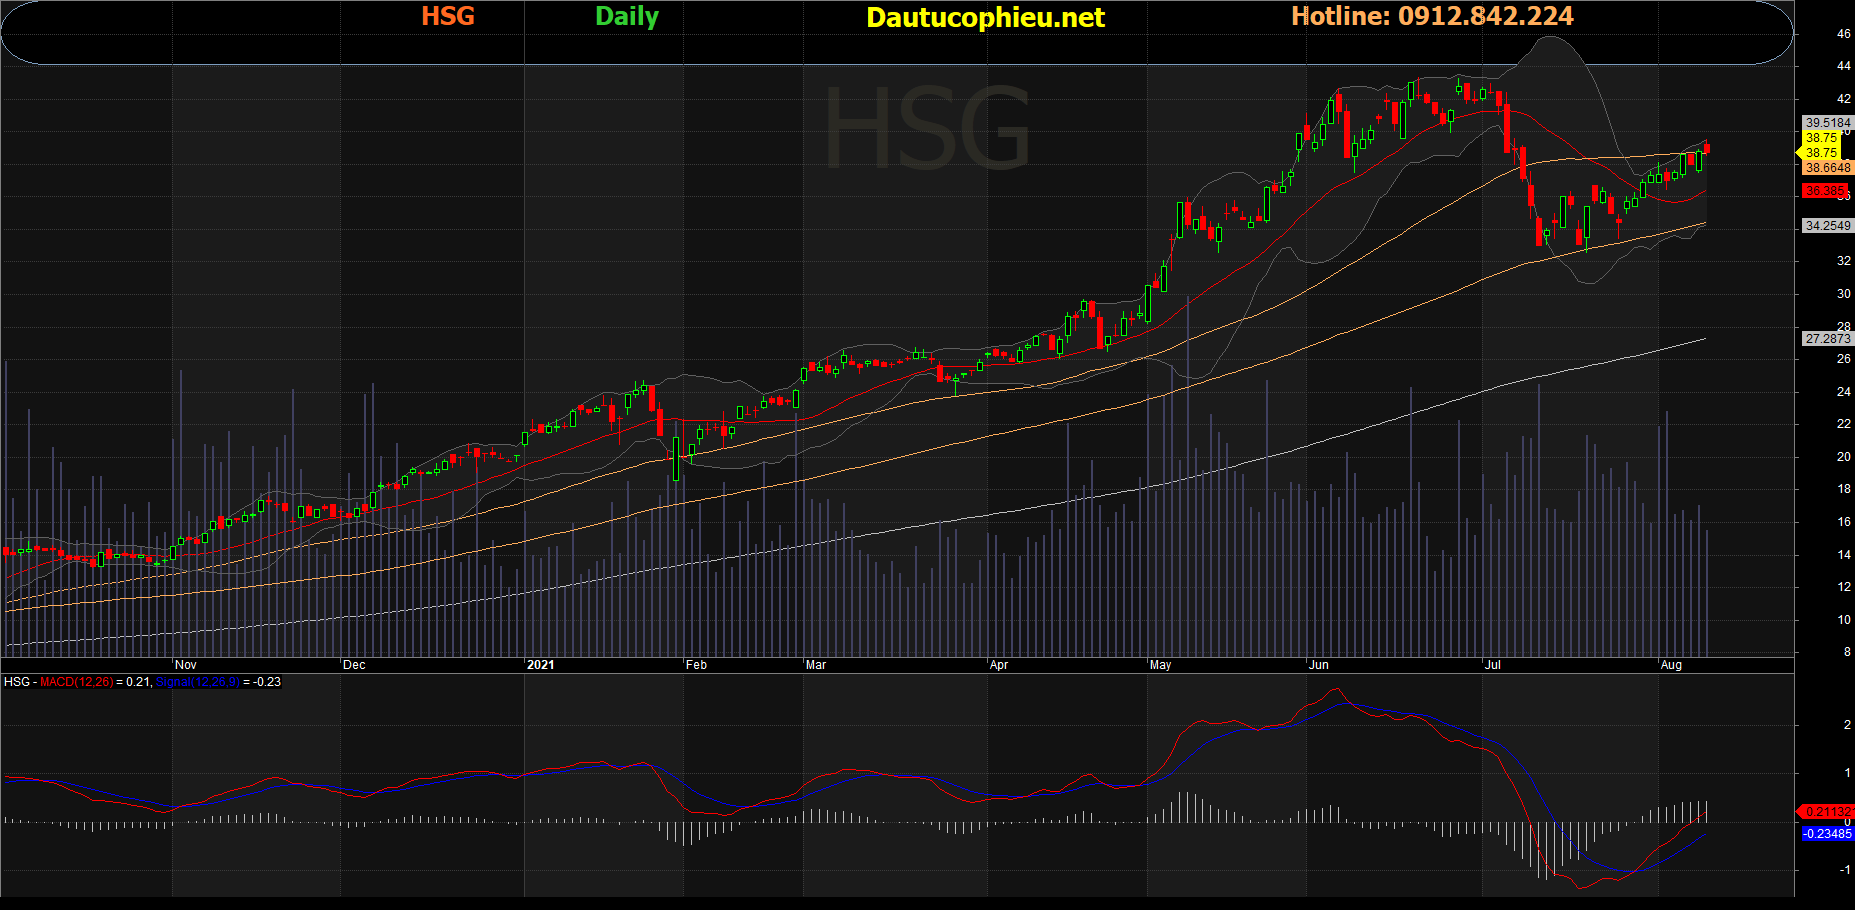 Đồ thị cổ phiếu HSG phiên giao dịch ngày 10/08/2021. Nguồn: AmiBroker